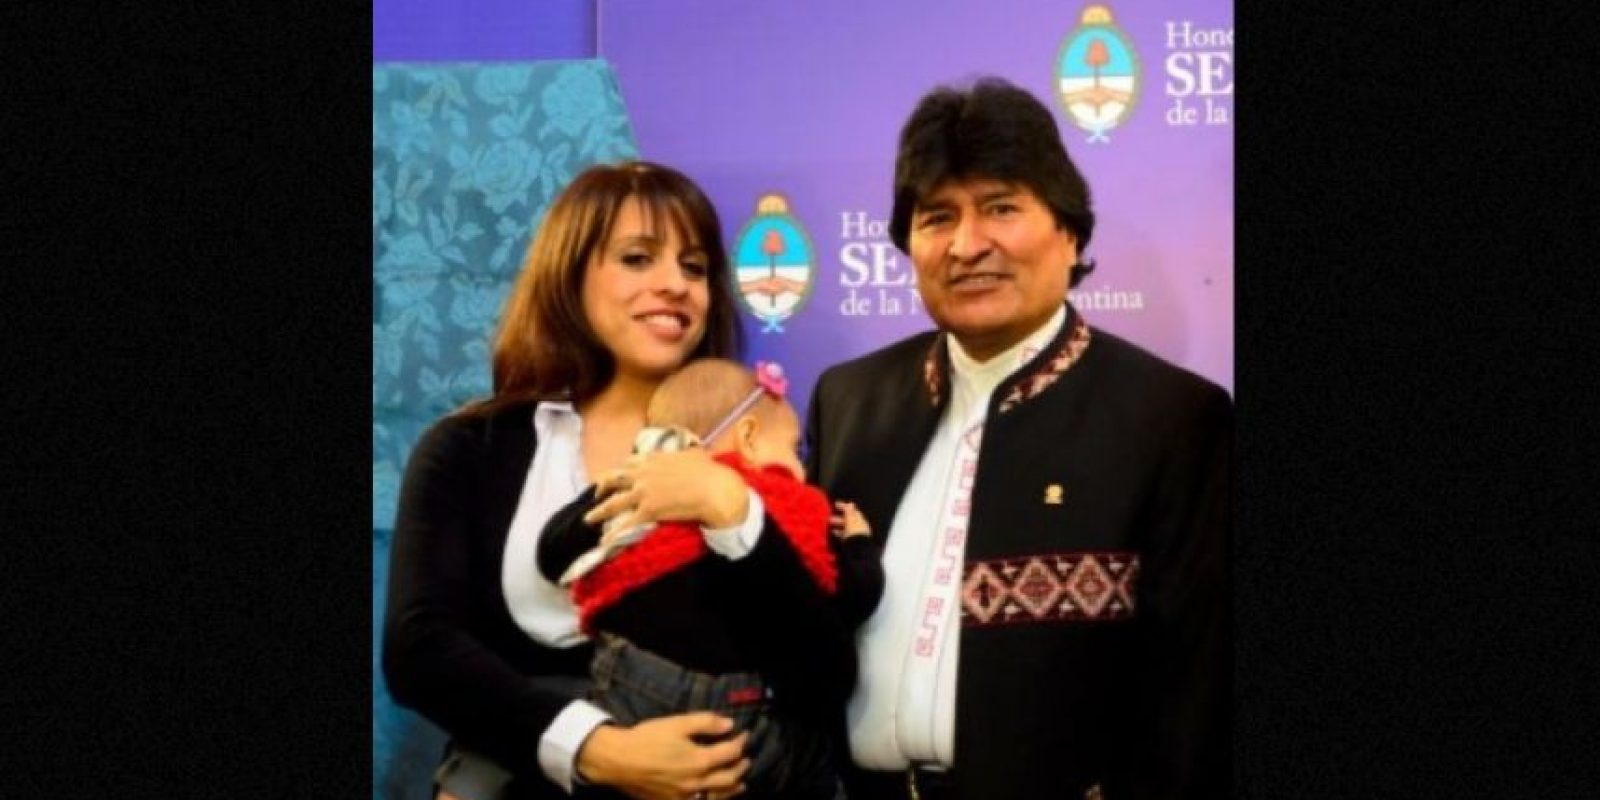 Se llama Victoria Donda Pérez y es diputada nacional en Argentina Foto:Facebook.com/pages/Victoria-Donda-Pérez